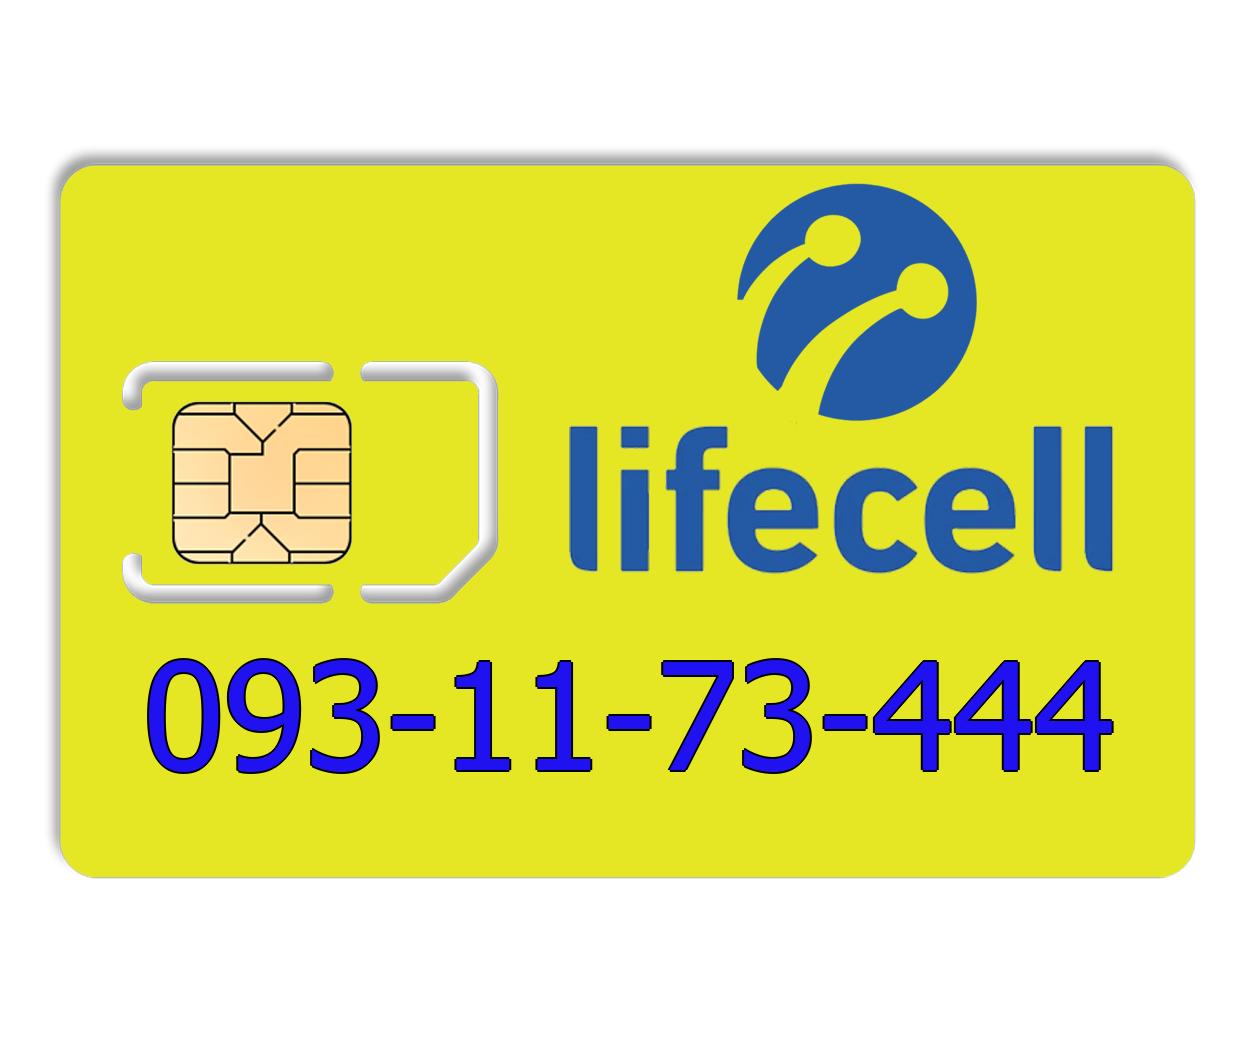 Красивый номер lifecell 093-11-73-444